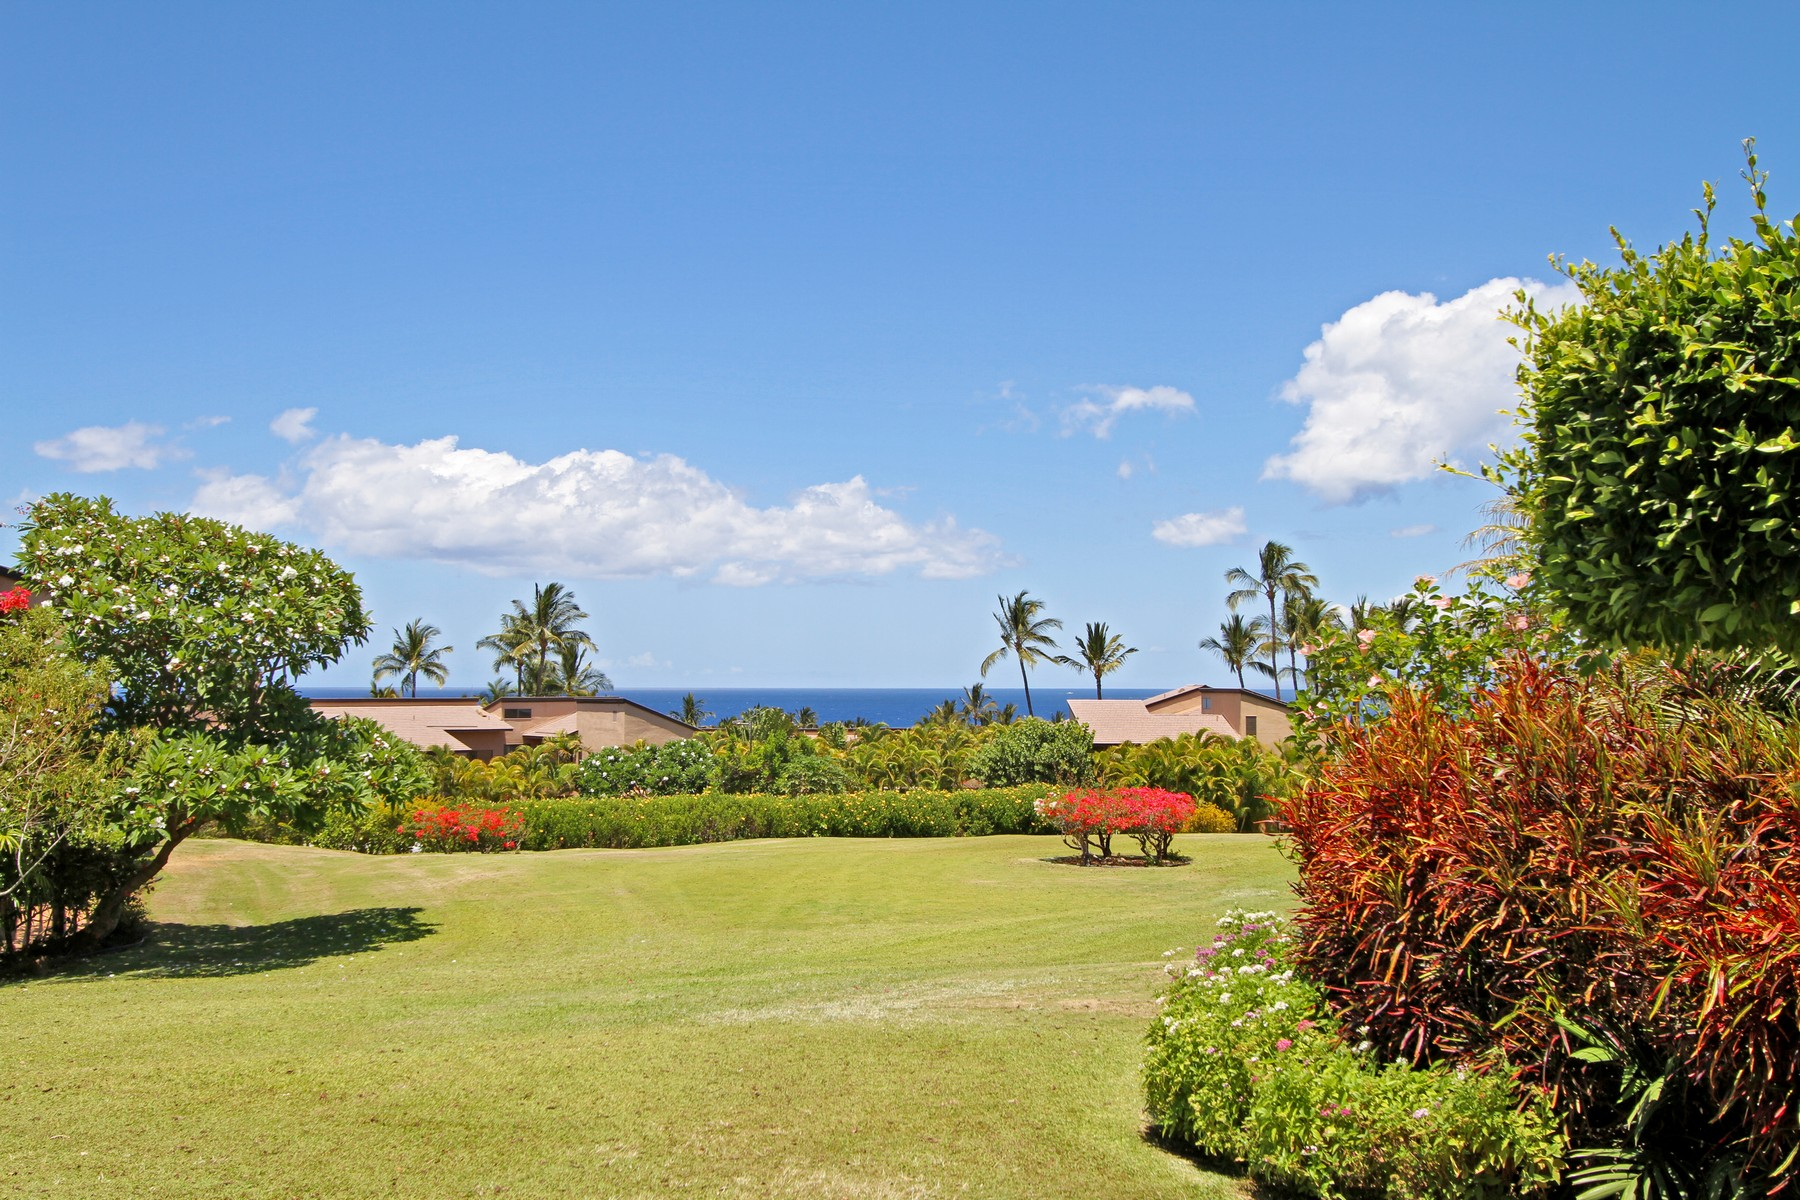 Condominium for Sale at Successful Vacation Rental in Maui 3300 Wailea Alanui Drive, Wailea Ekahi 39C Wailea, Hawaii, 96753 United States